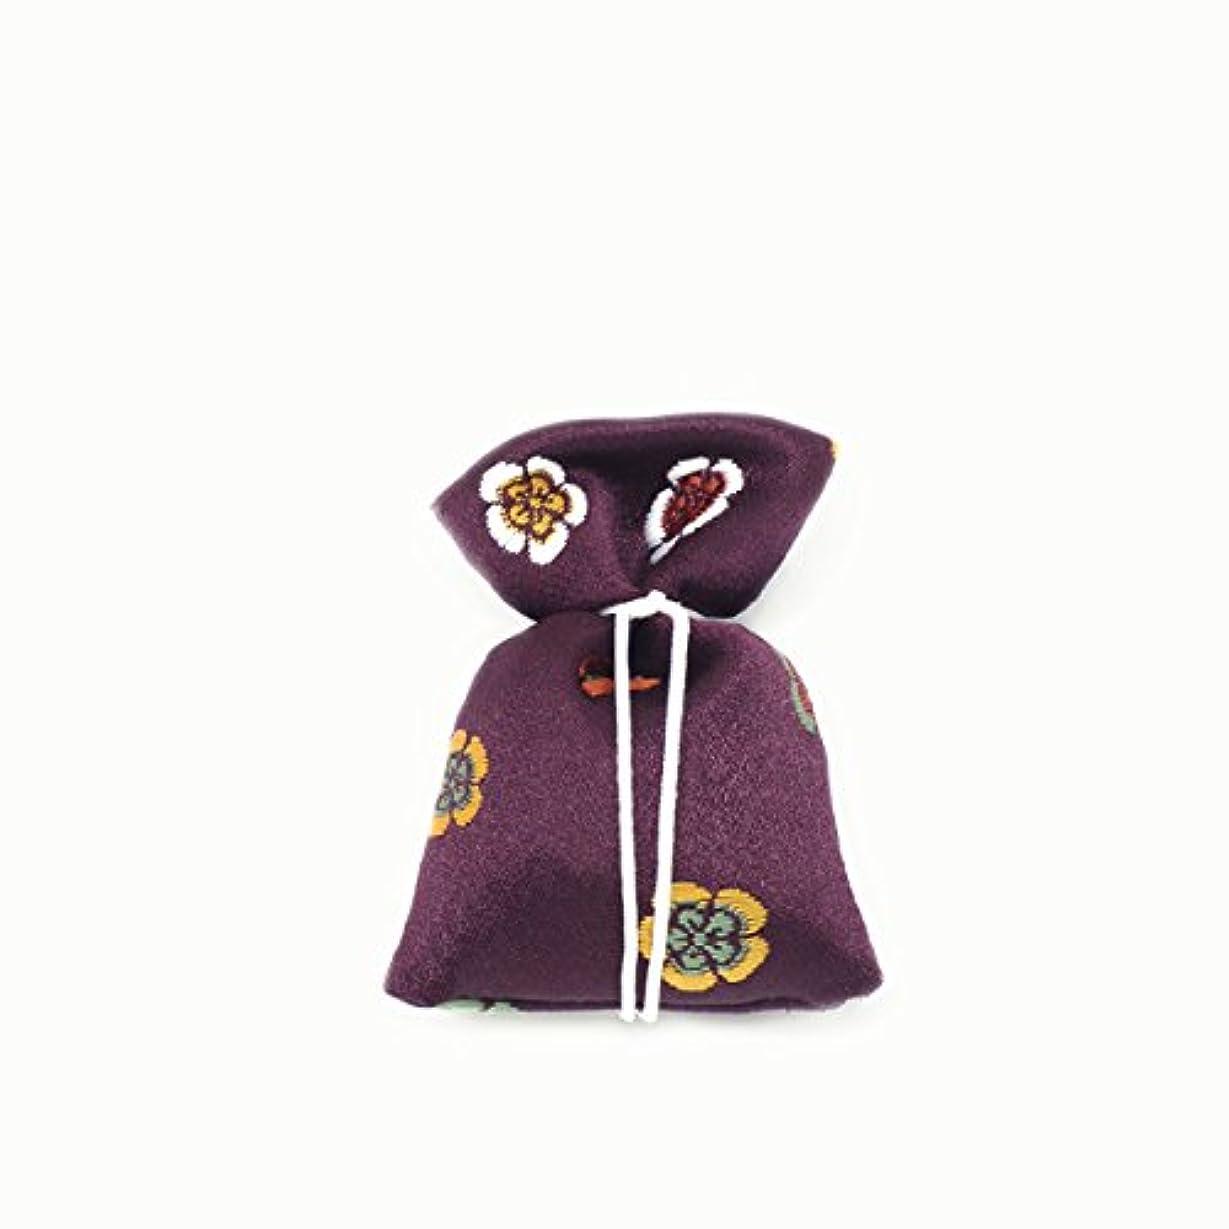 地平線瞑想する四分円匂袋 巾着 金襴中 紫系